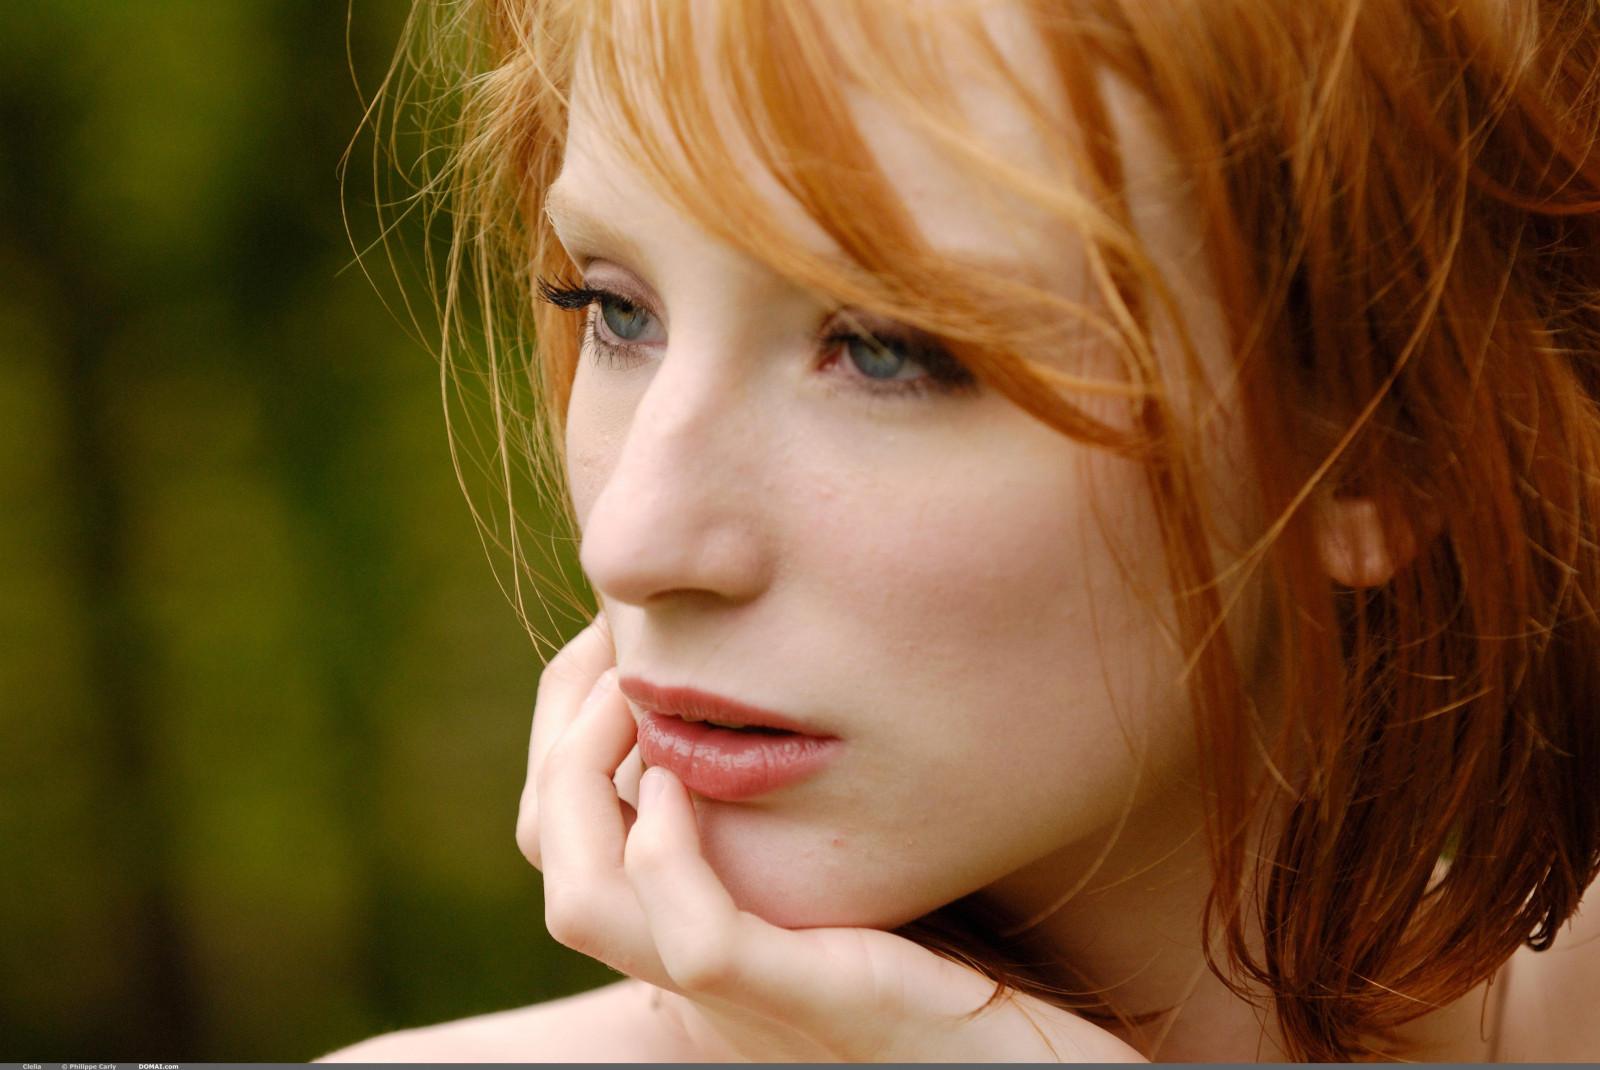 Рыжей голой девушки, Голые рыжие девушки - фото красивых женщин и девок 9 фотография